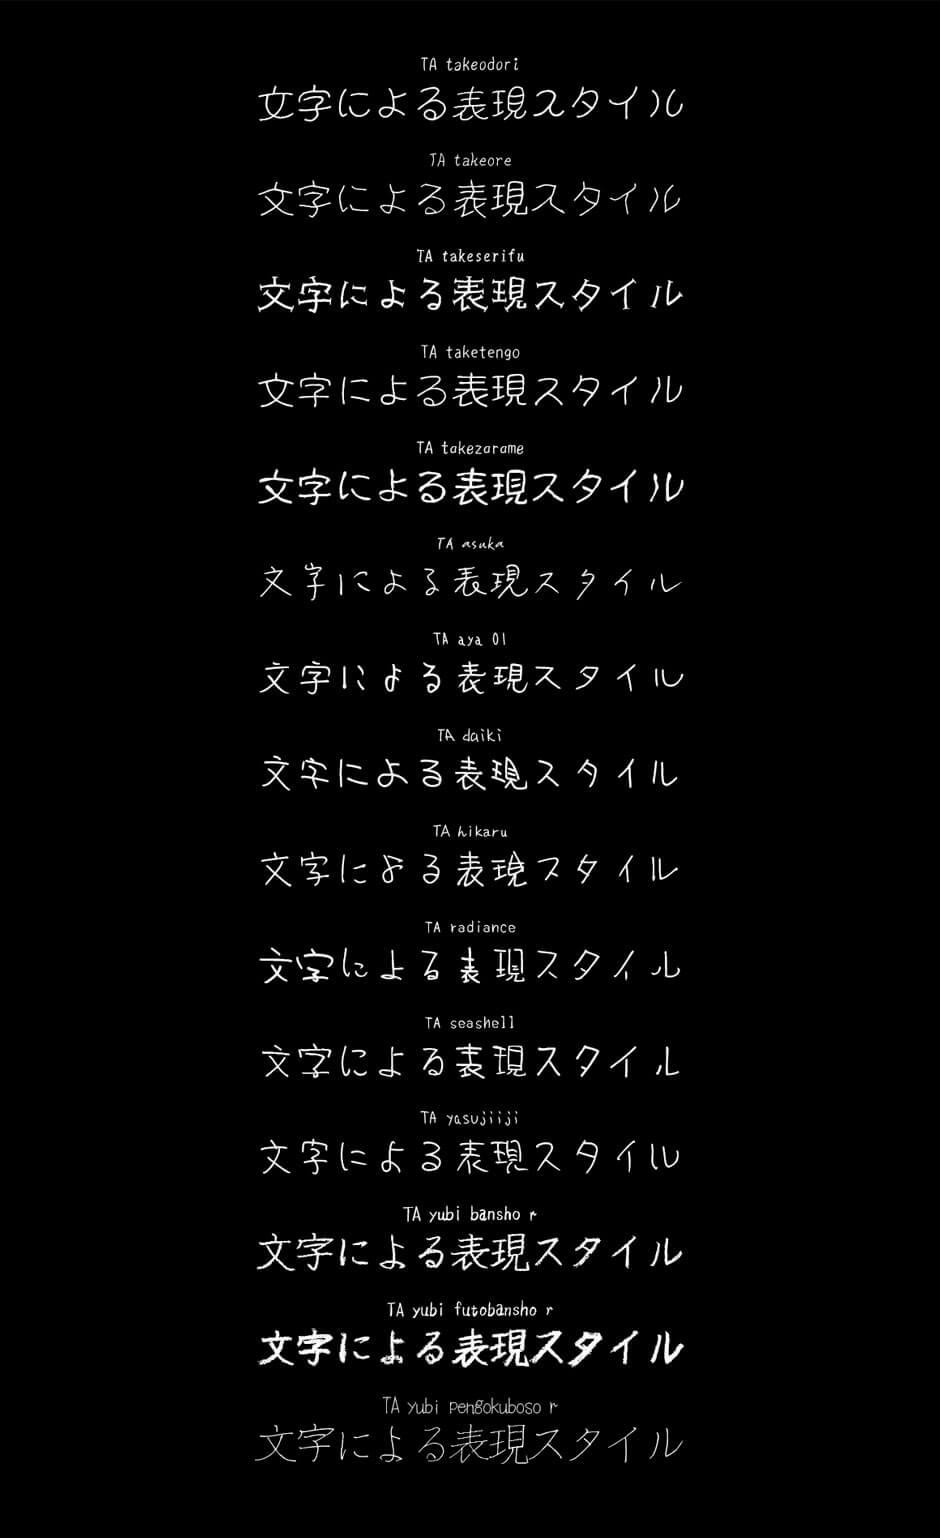 jp-unique-handwriting-fonts-letterforms2-1